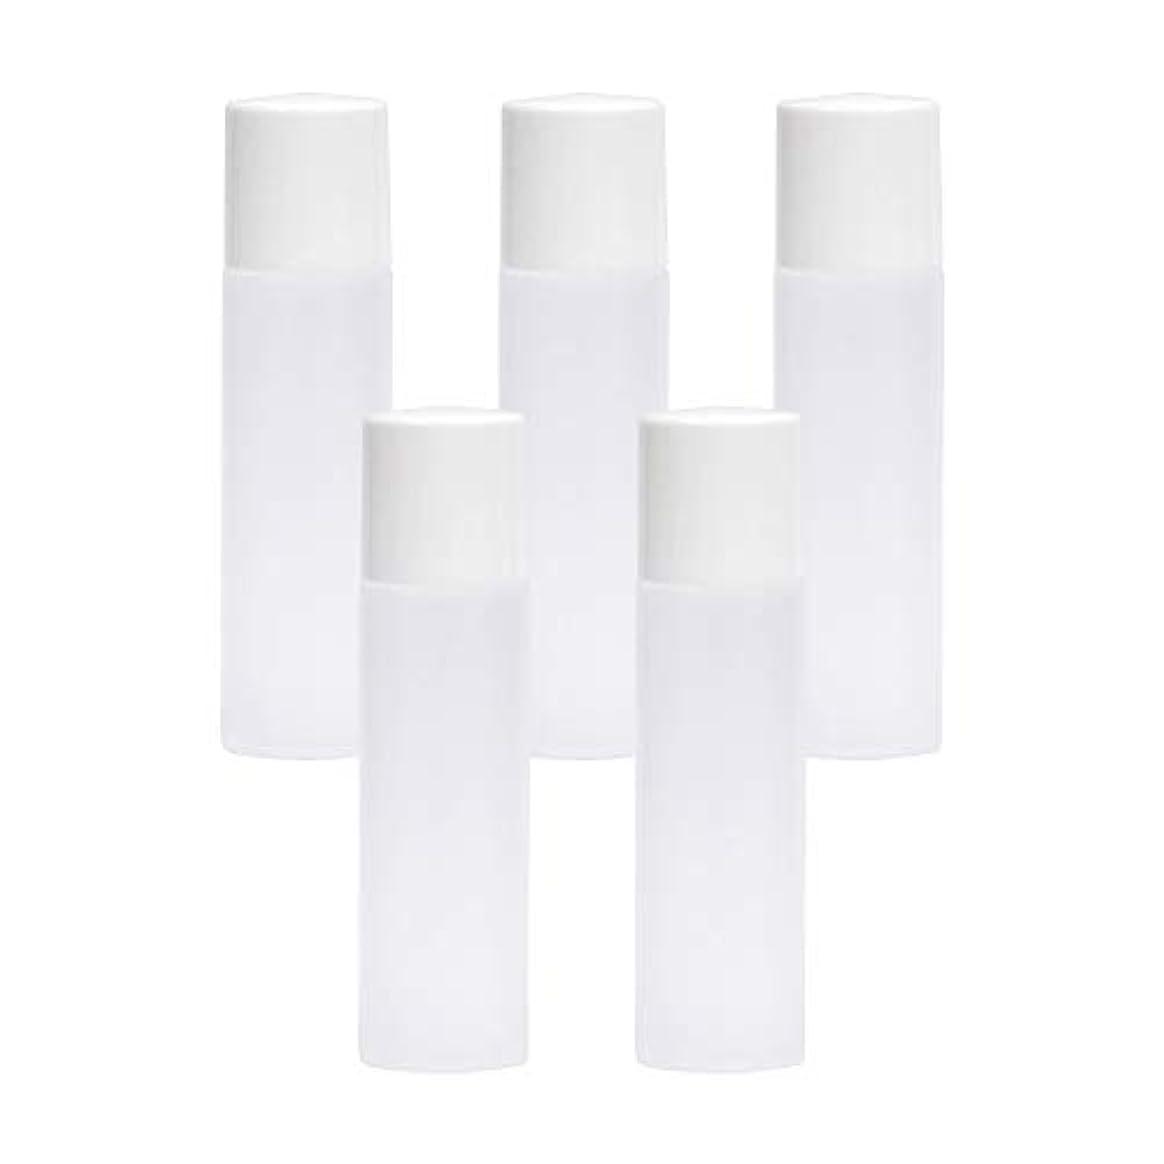 逮捕アシスト問い合わせる白ボトル10ml×5本セット(中栓ノズルタイプ?キャップ付) (プラスチック容器/オイル用空瓶 プラスチック製-PET/空ボトル)